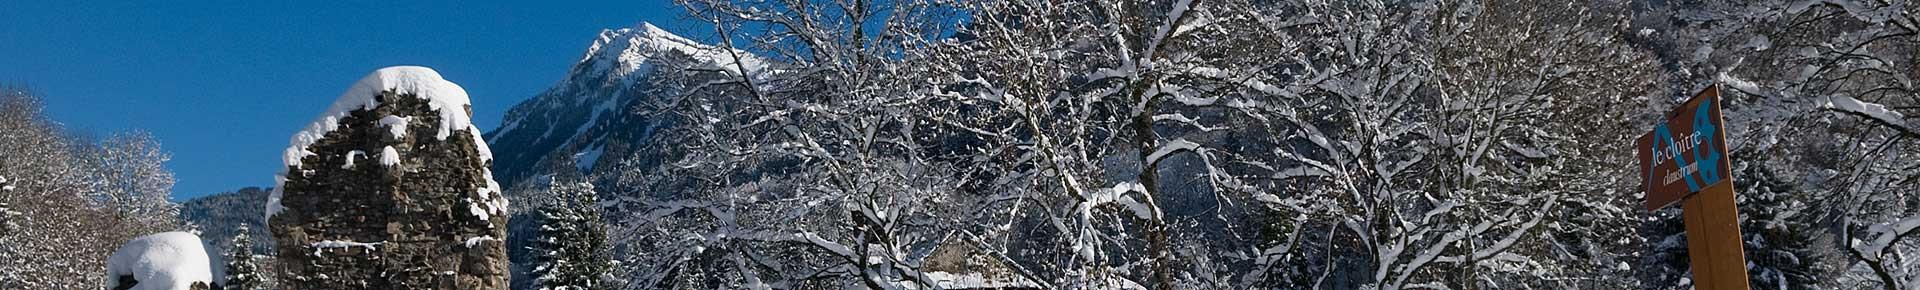 Sites incontournables de la Vallée d'Aulps en hiver